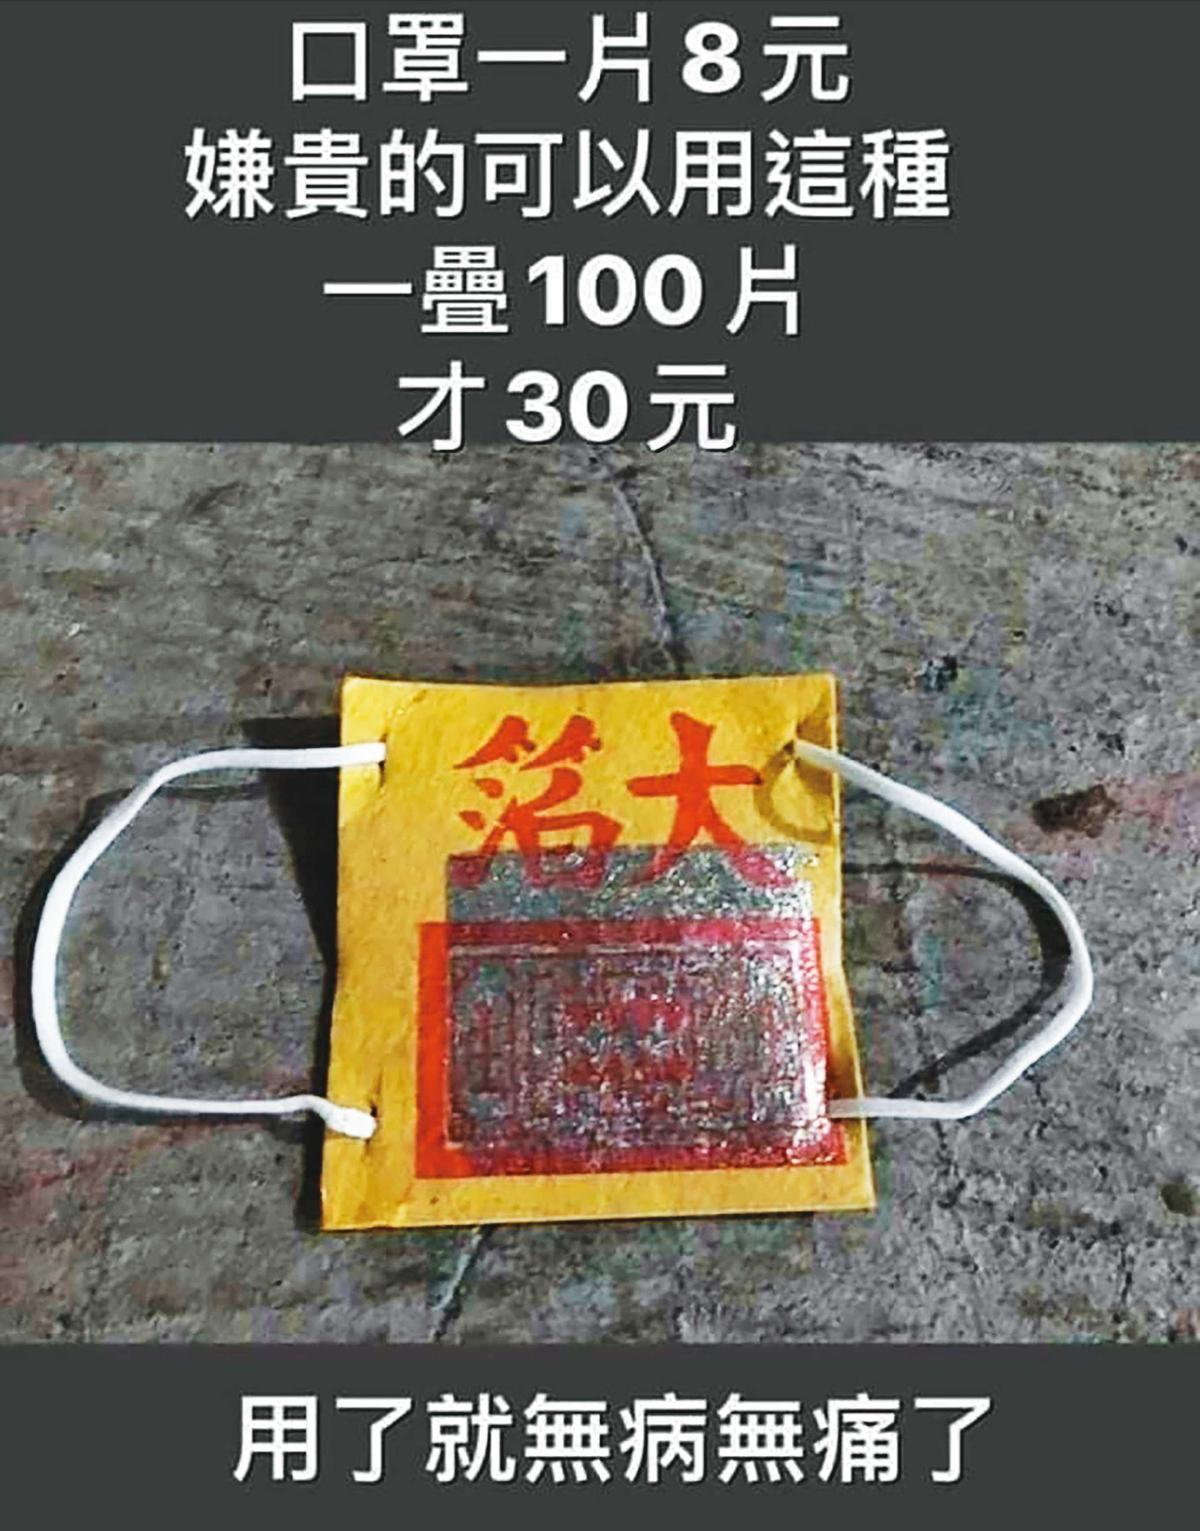 李伊妍臉書附上冥紙照,稱「嫌貴的可以用這種,1疊100片才30元,用了就無病無痛了。」(翻攝自臉書)